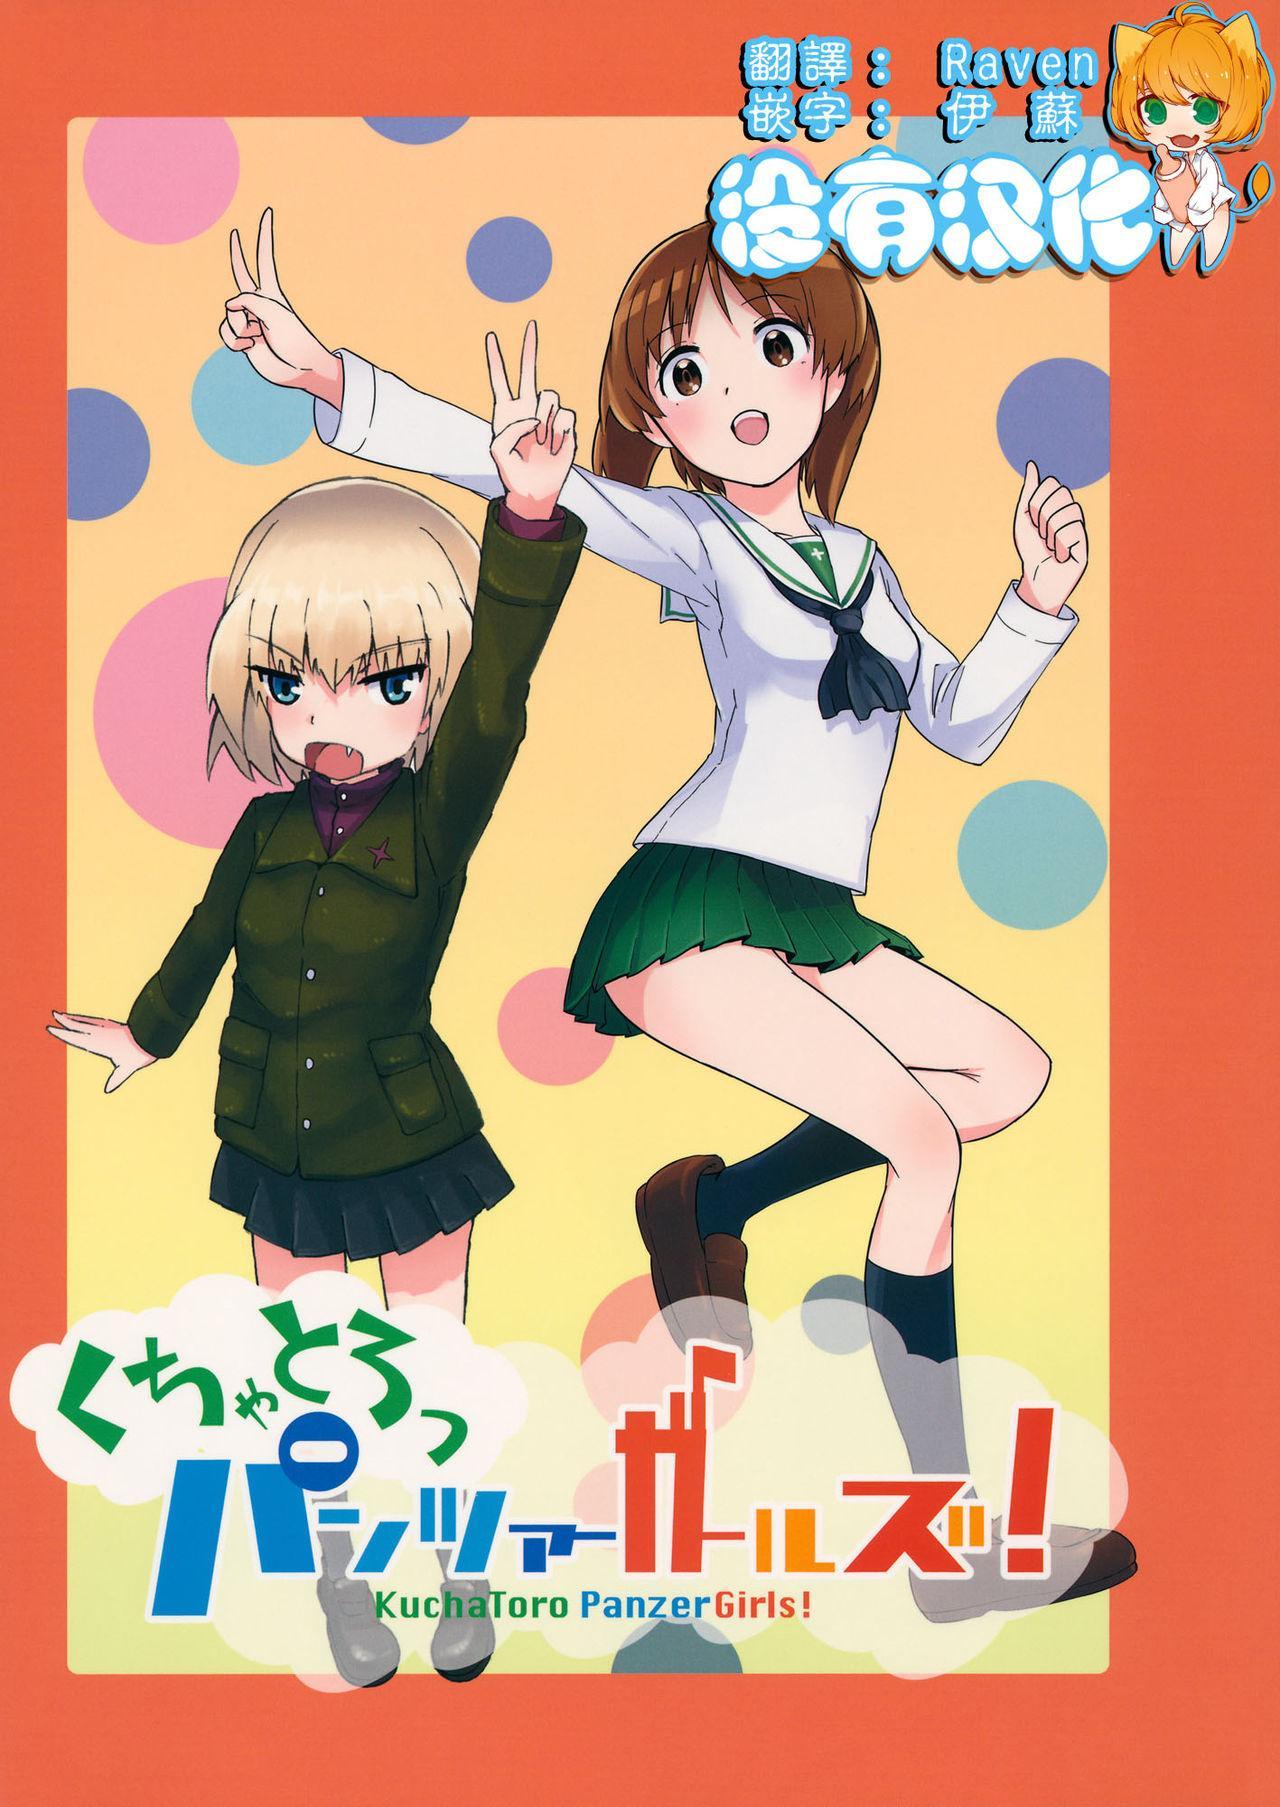 Kucha Toro Panzer Girls! 0